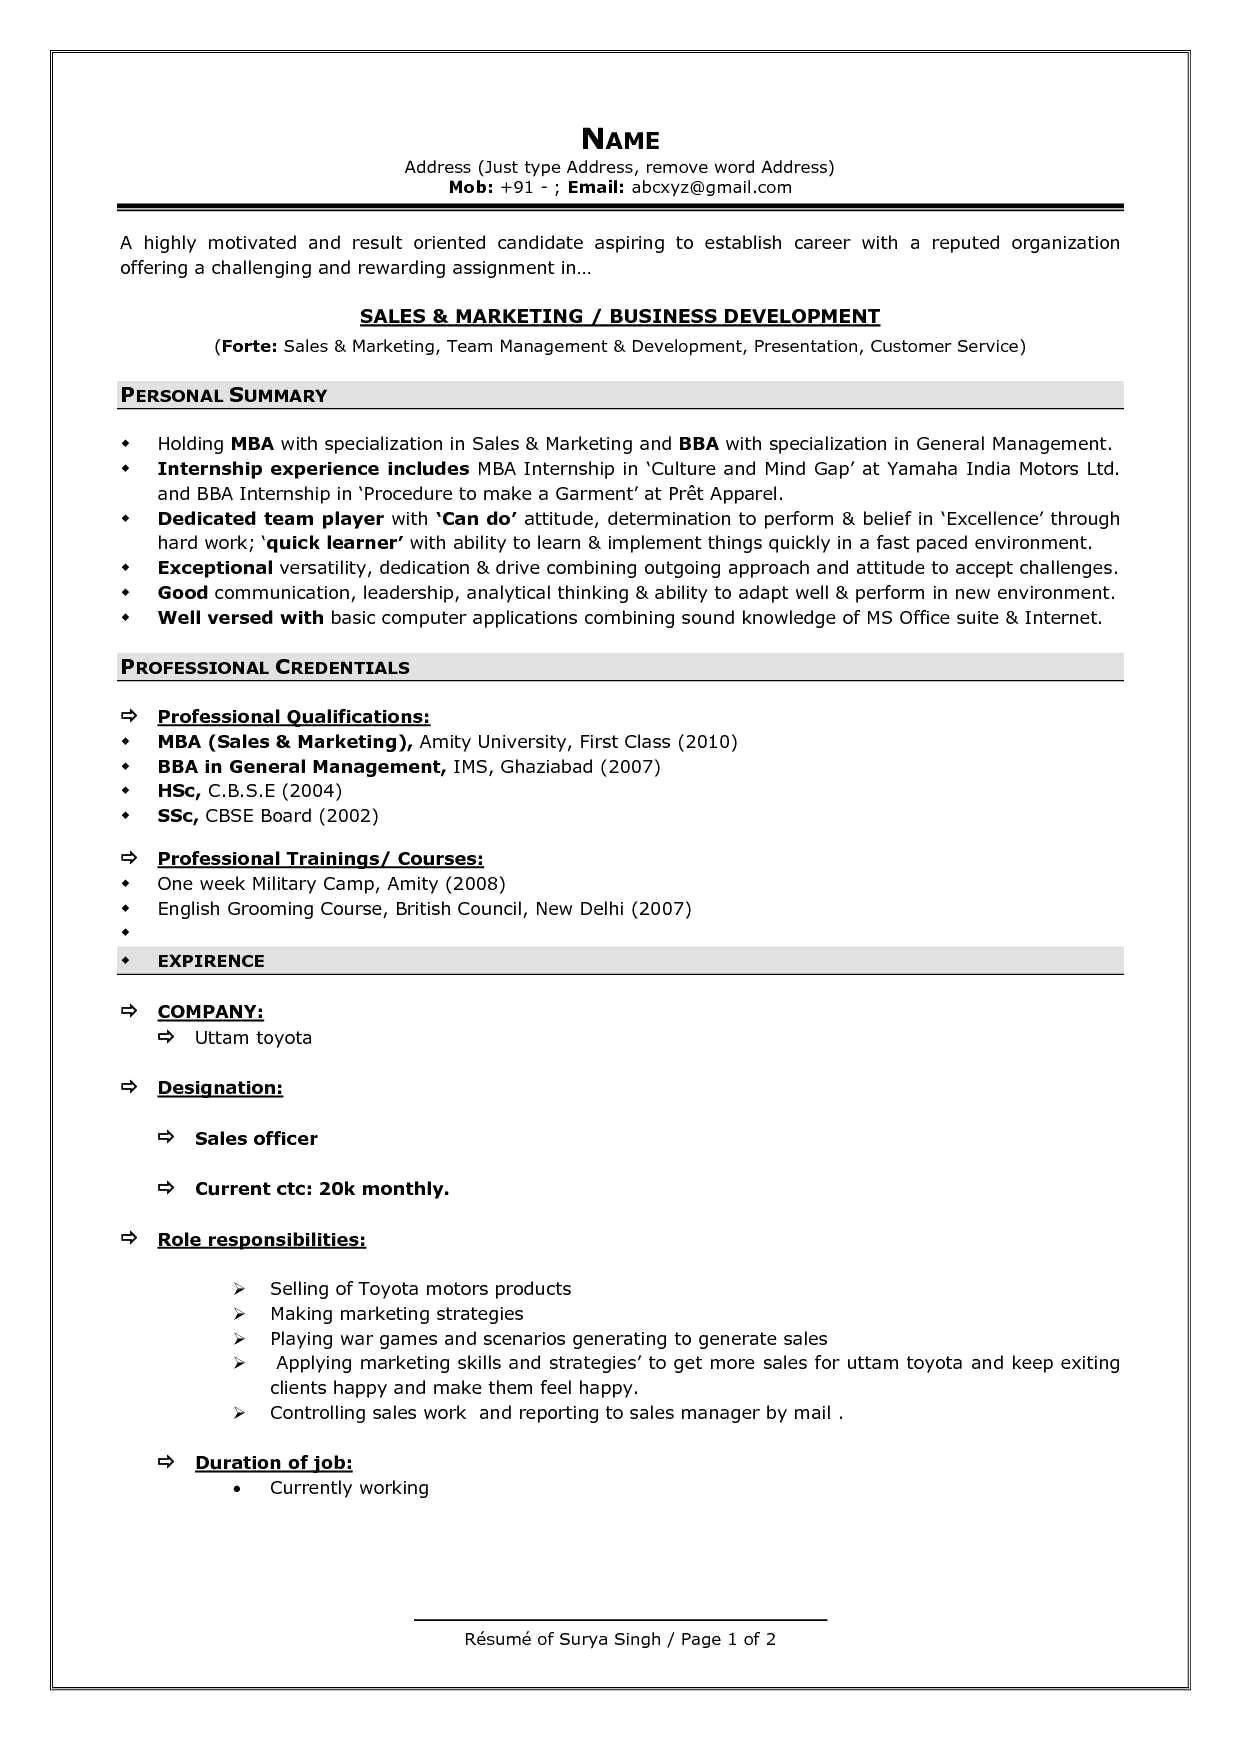 Google Resume Sample 15 Lovely Resume Template Google Drive Resume Sample